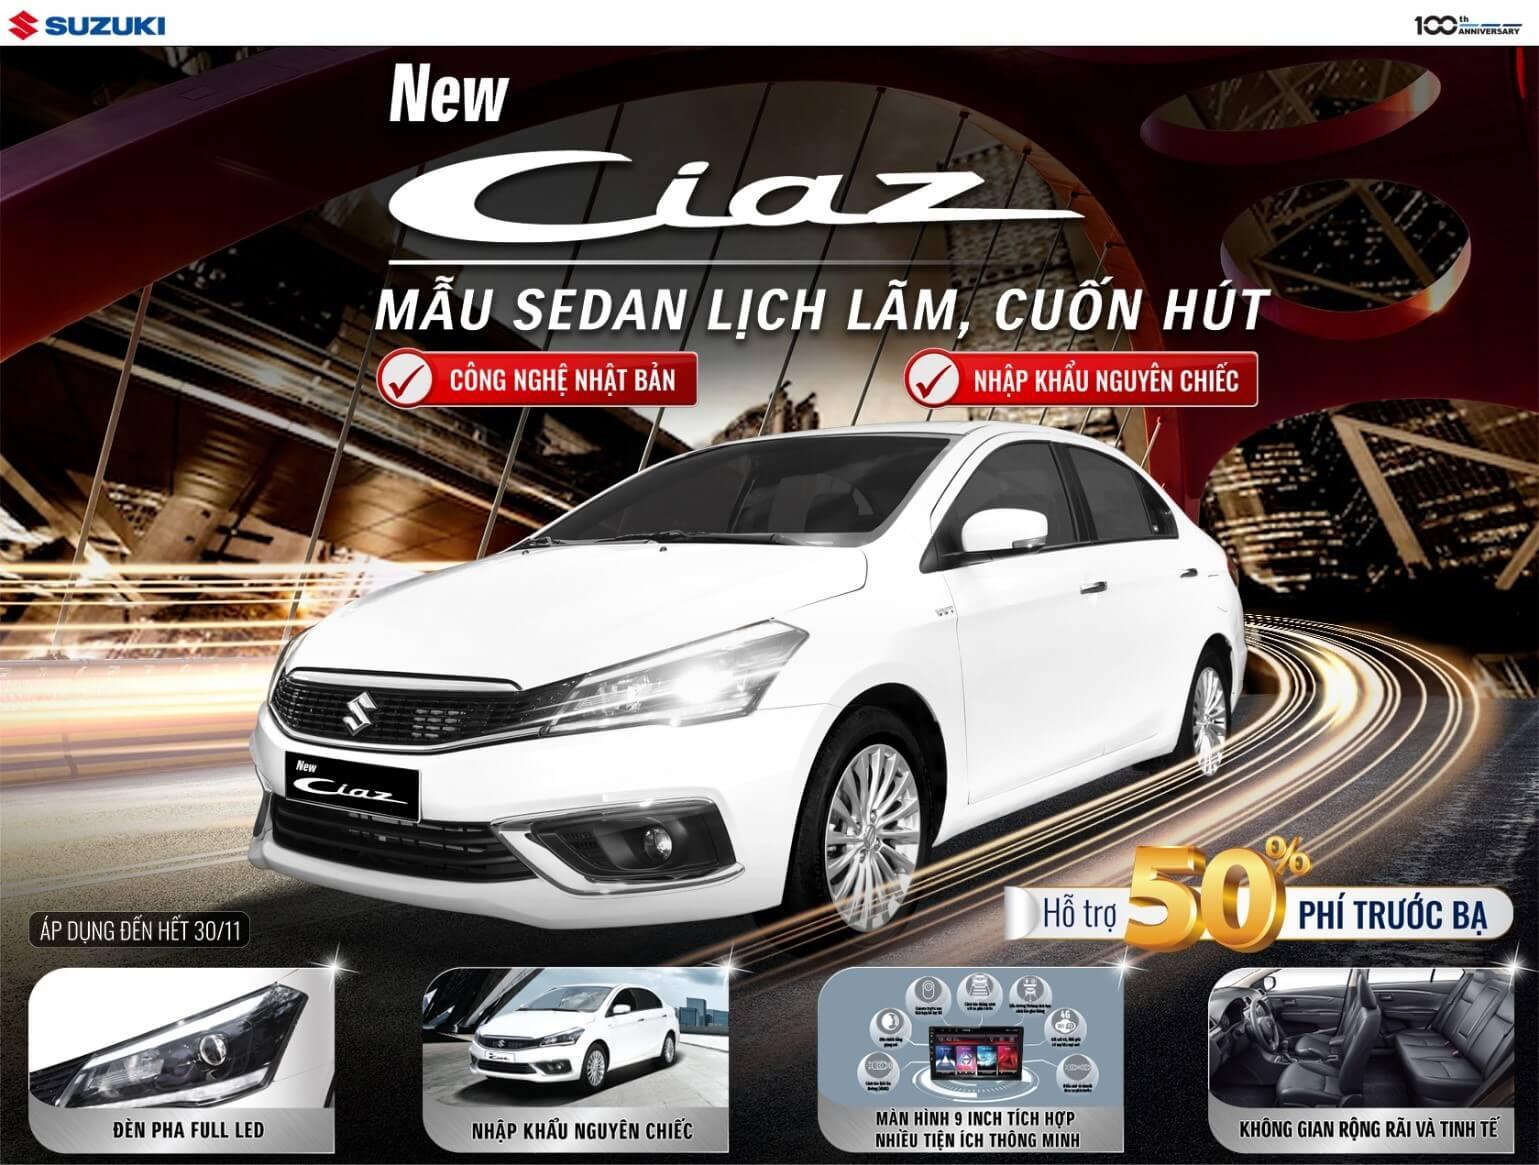 Suzuki Ciaz mới –  Lựa chọn sáng suốt với chi phí đầu tư hợp lý ciaz-moi-se-duoc-ho-tro-50-le-phi-truoc-ba-tuong-duong-30-trieu-vnd.jpg